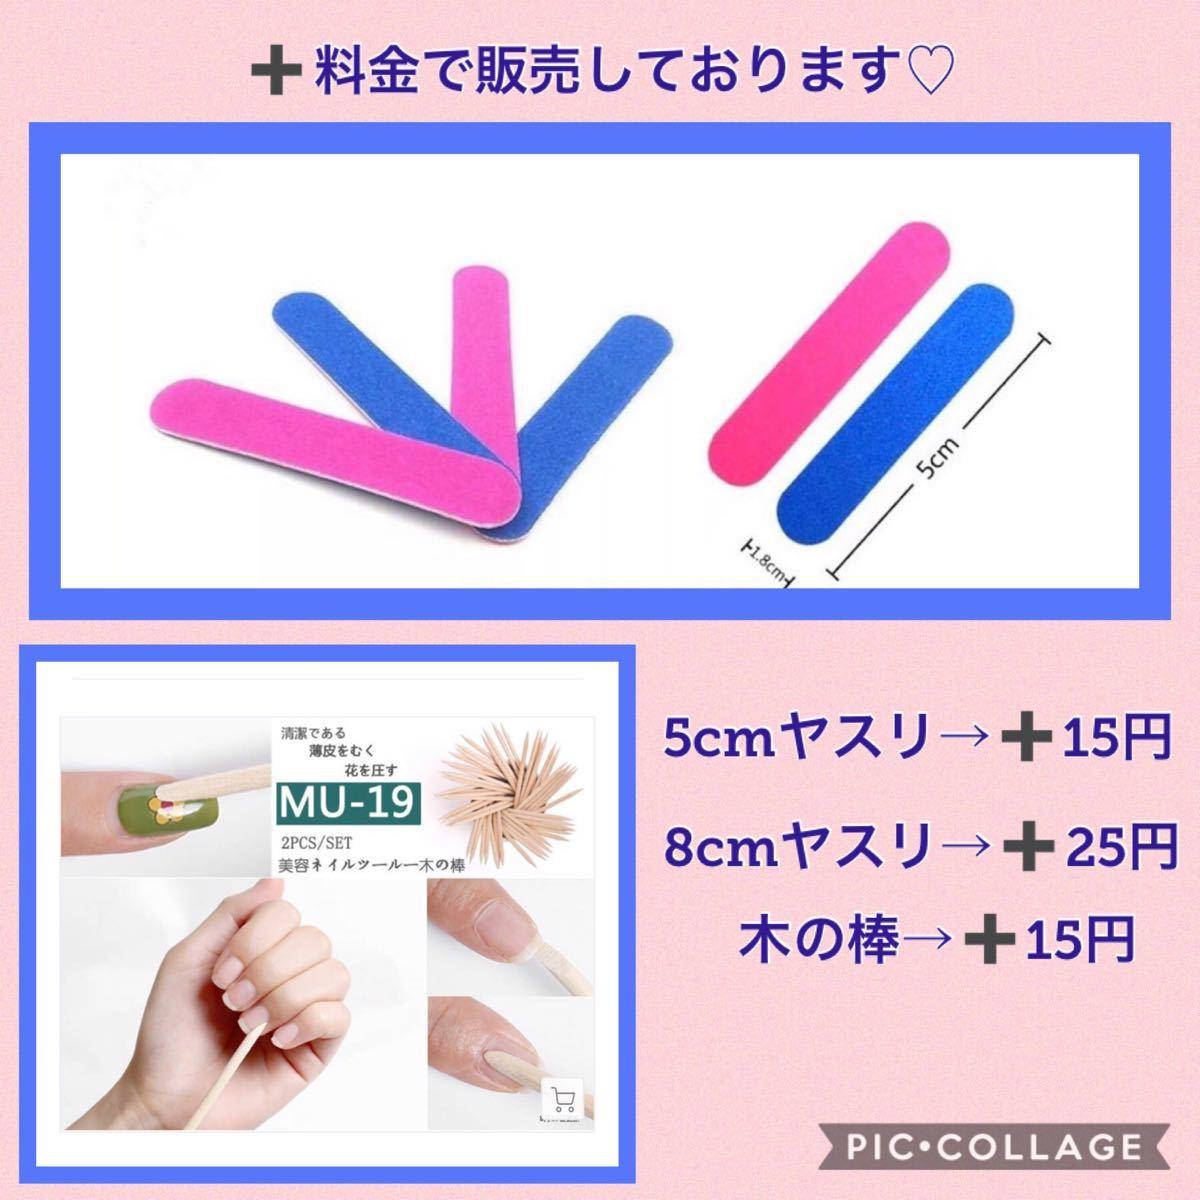 【4枚購入でシール1枚プレゼント】簡単貼るだけジェルネイルシール☆。.:*・゜